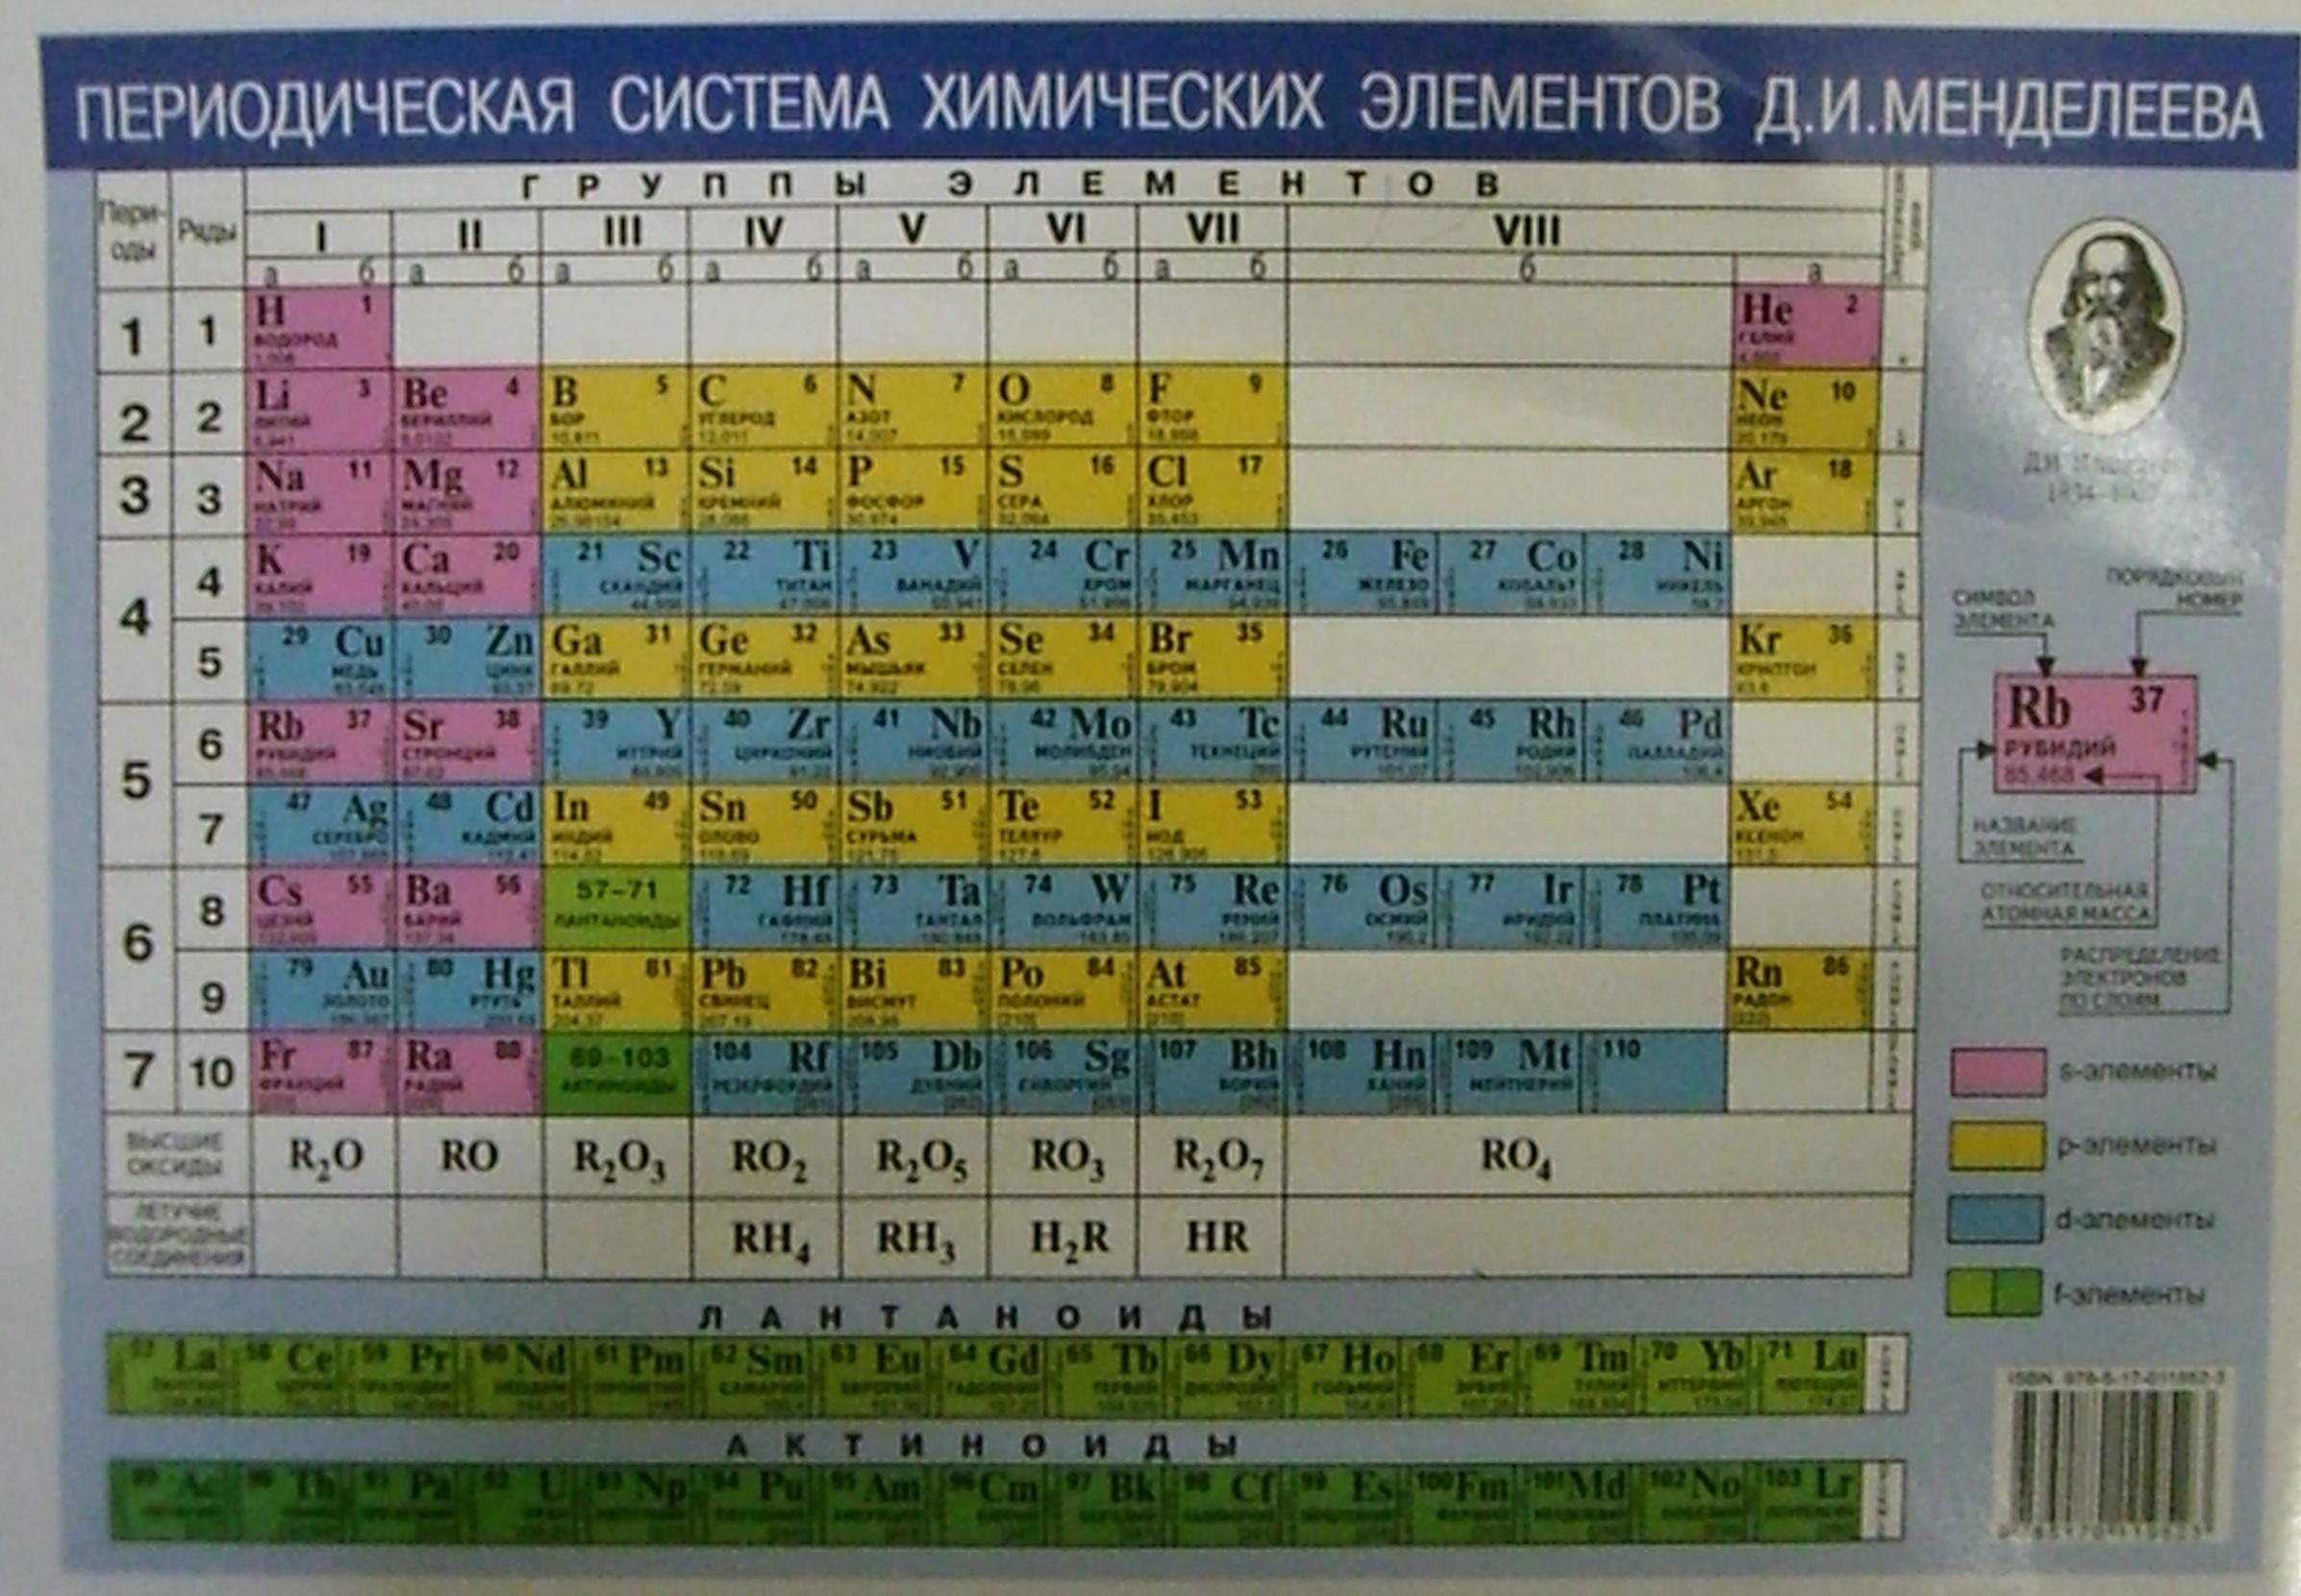 Периодическая система химических элементов Д.И. Менделеева / Растворимость